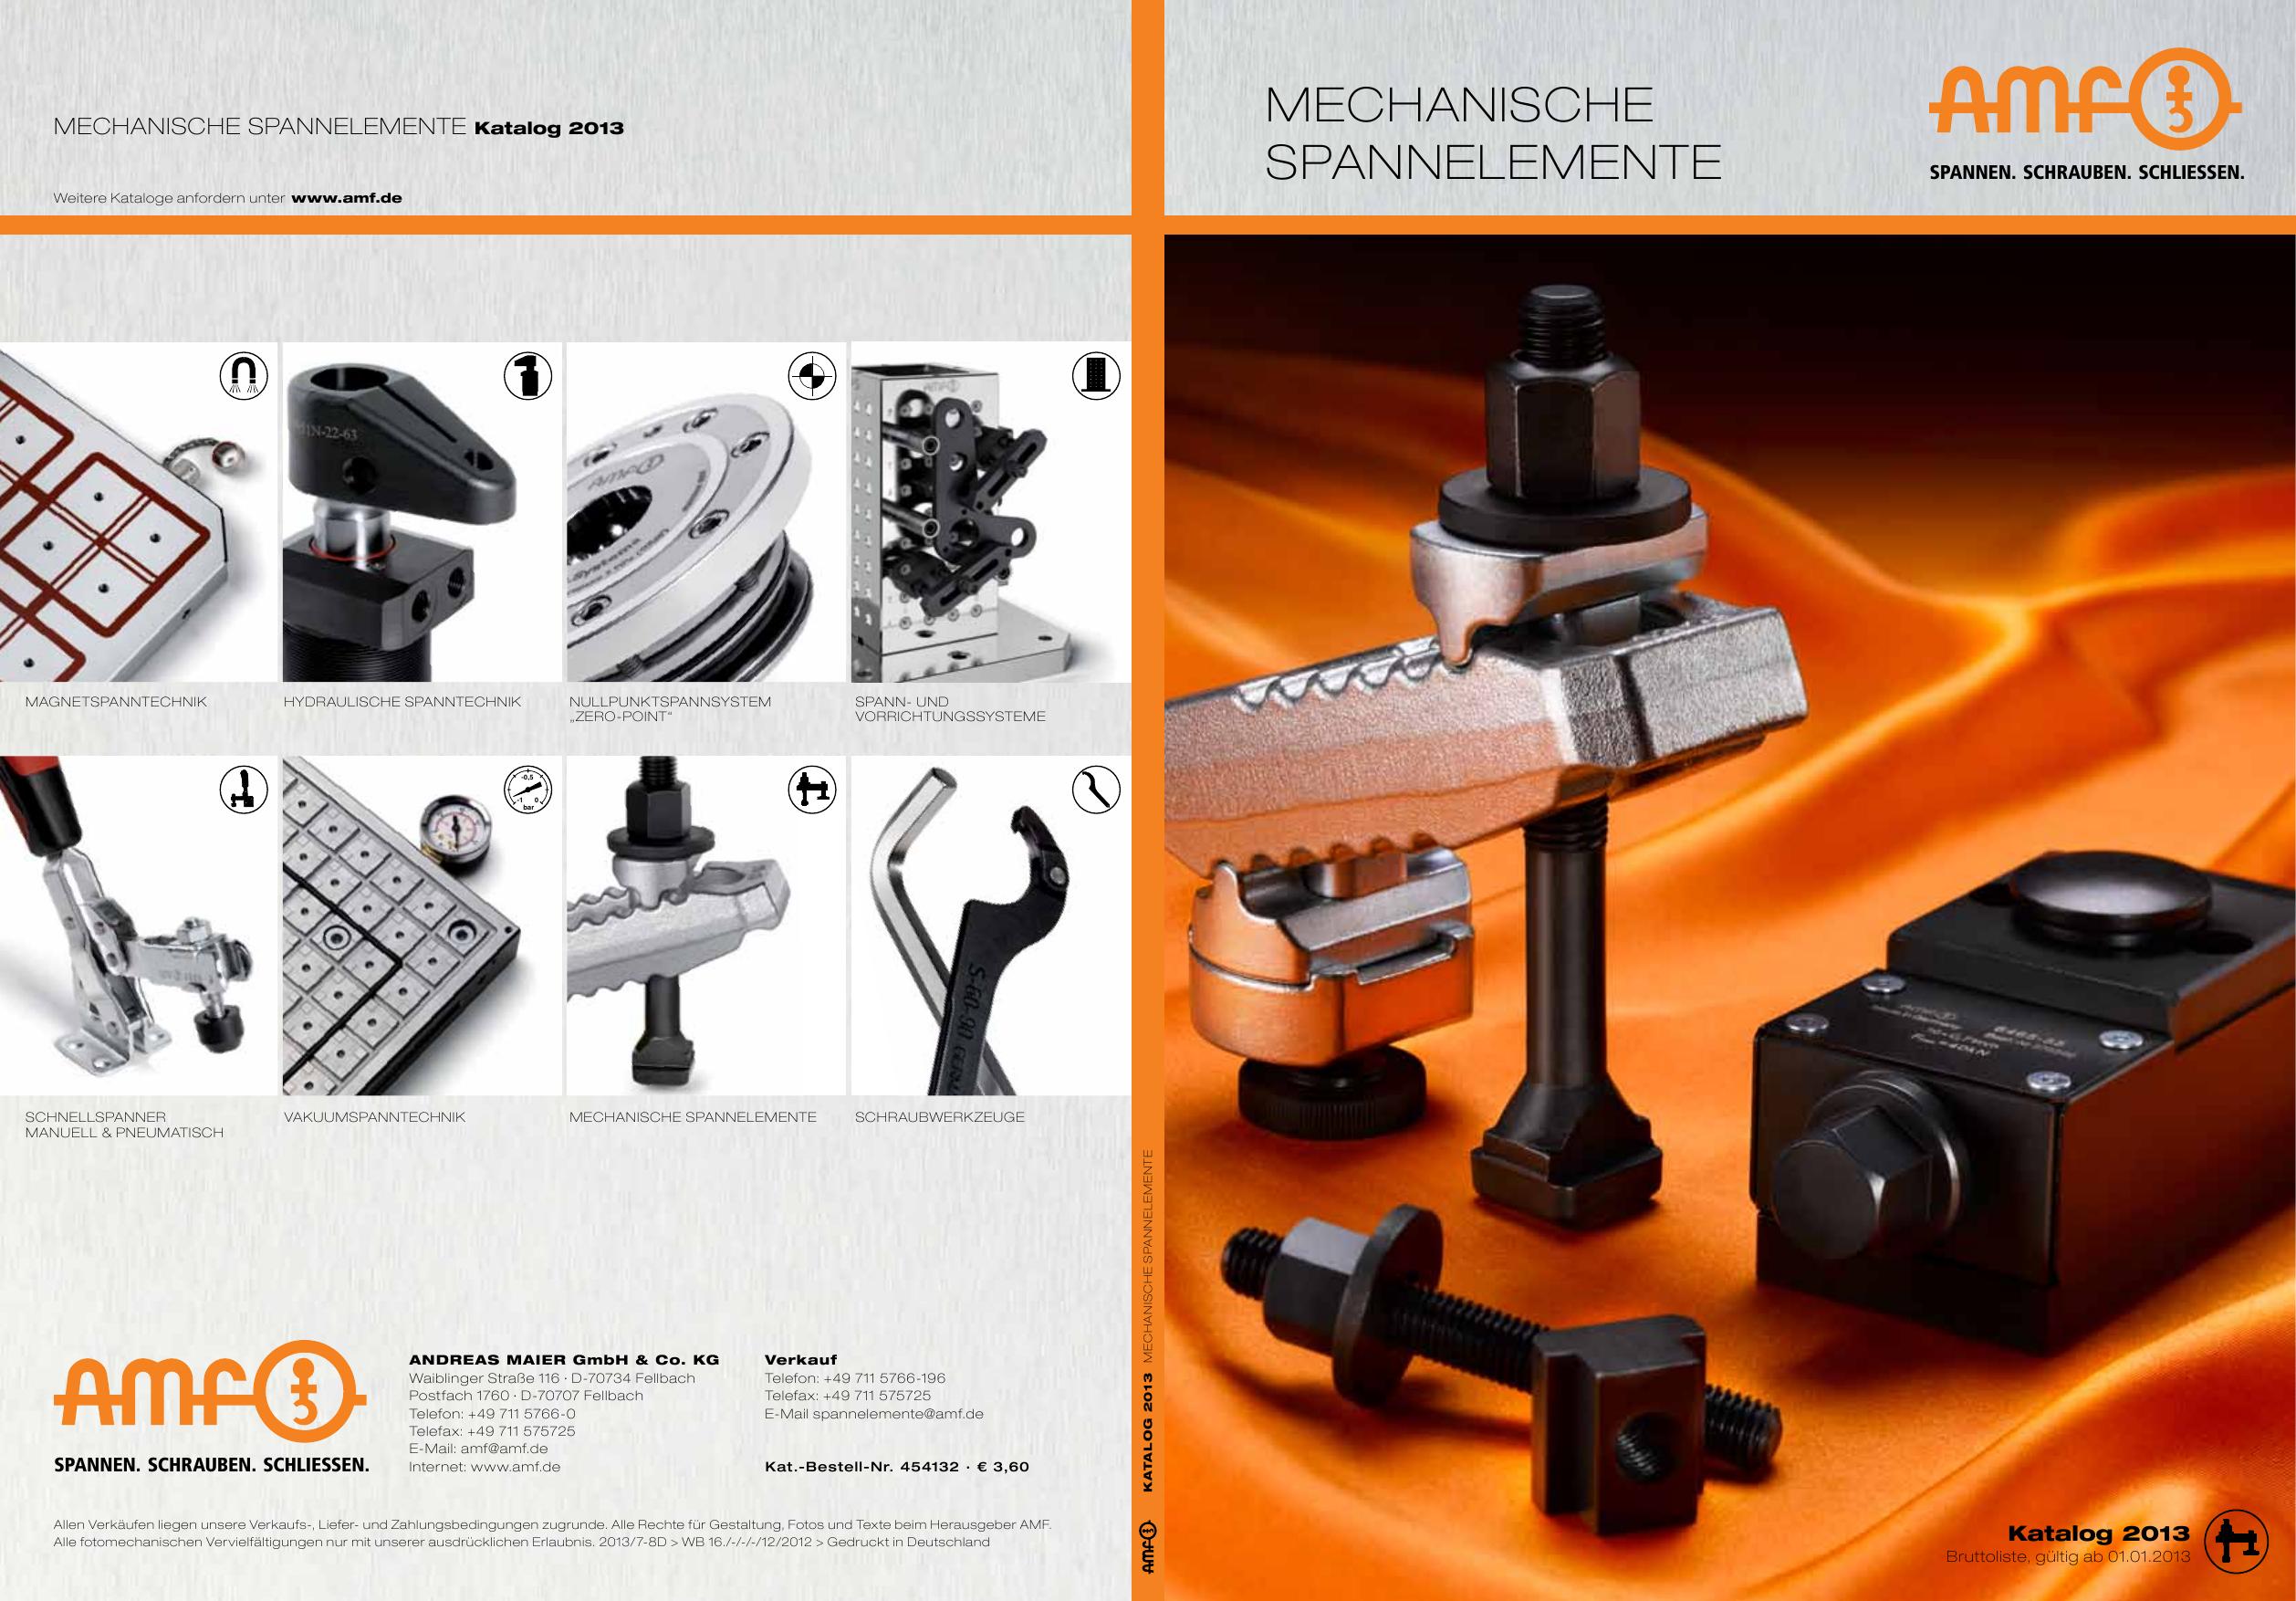 Minimagnet Magnetset Zaubermagnete NEODYM MAGNETE. 10x NEODYM MAGNET 5x3mm